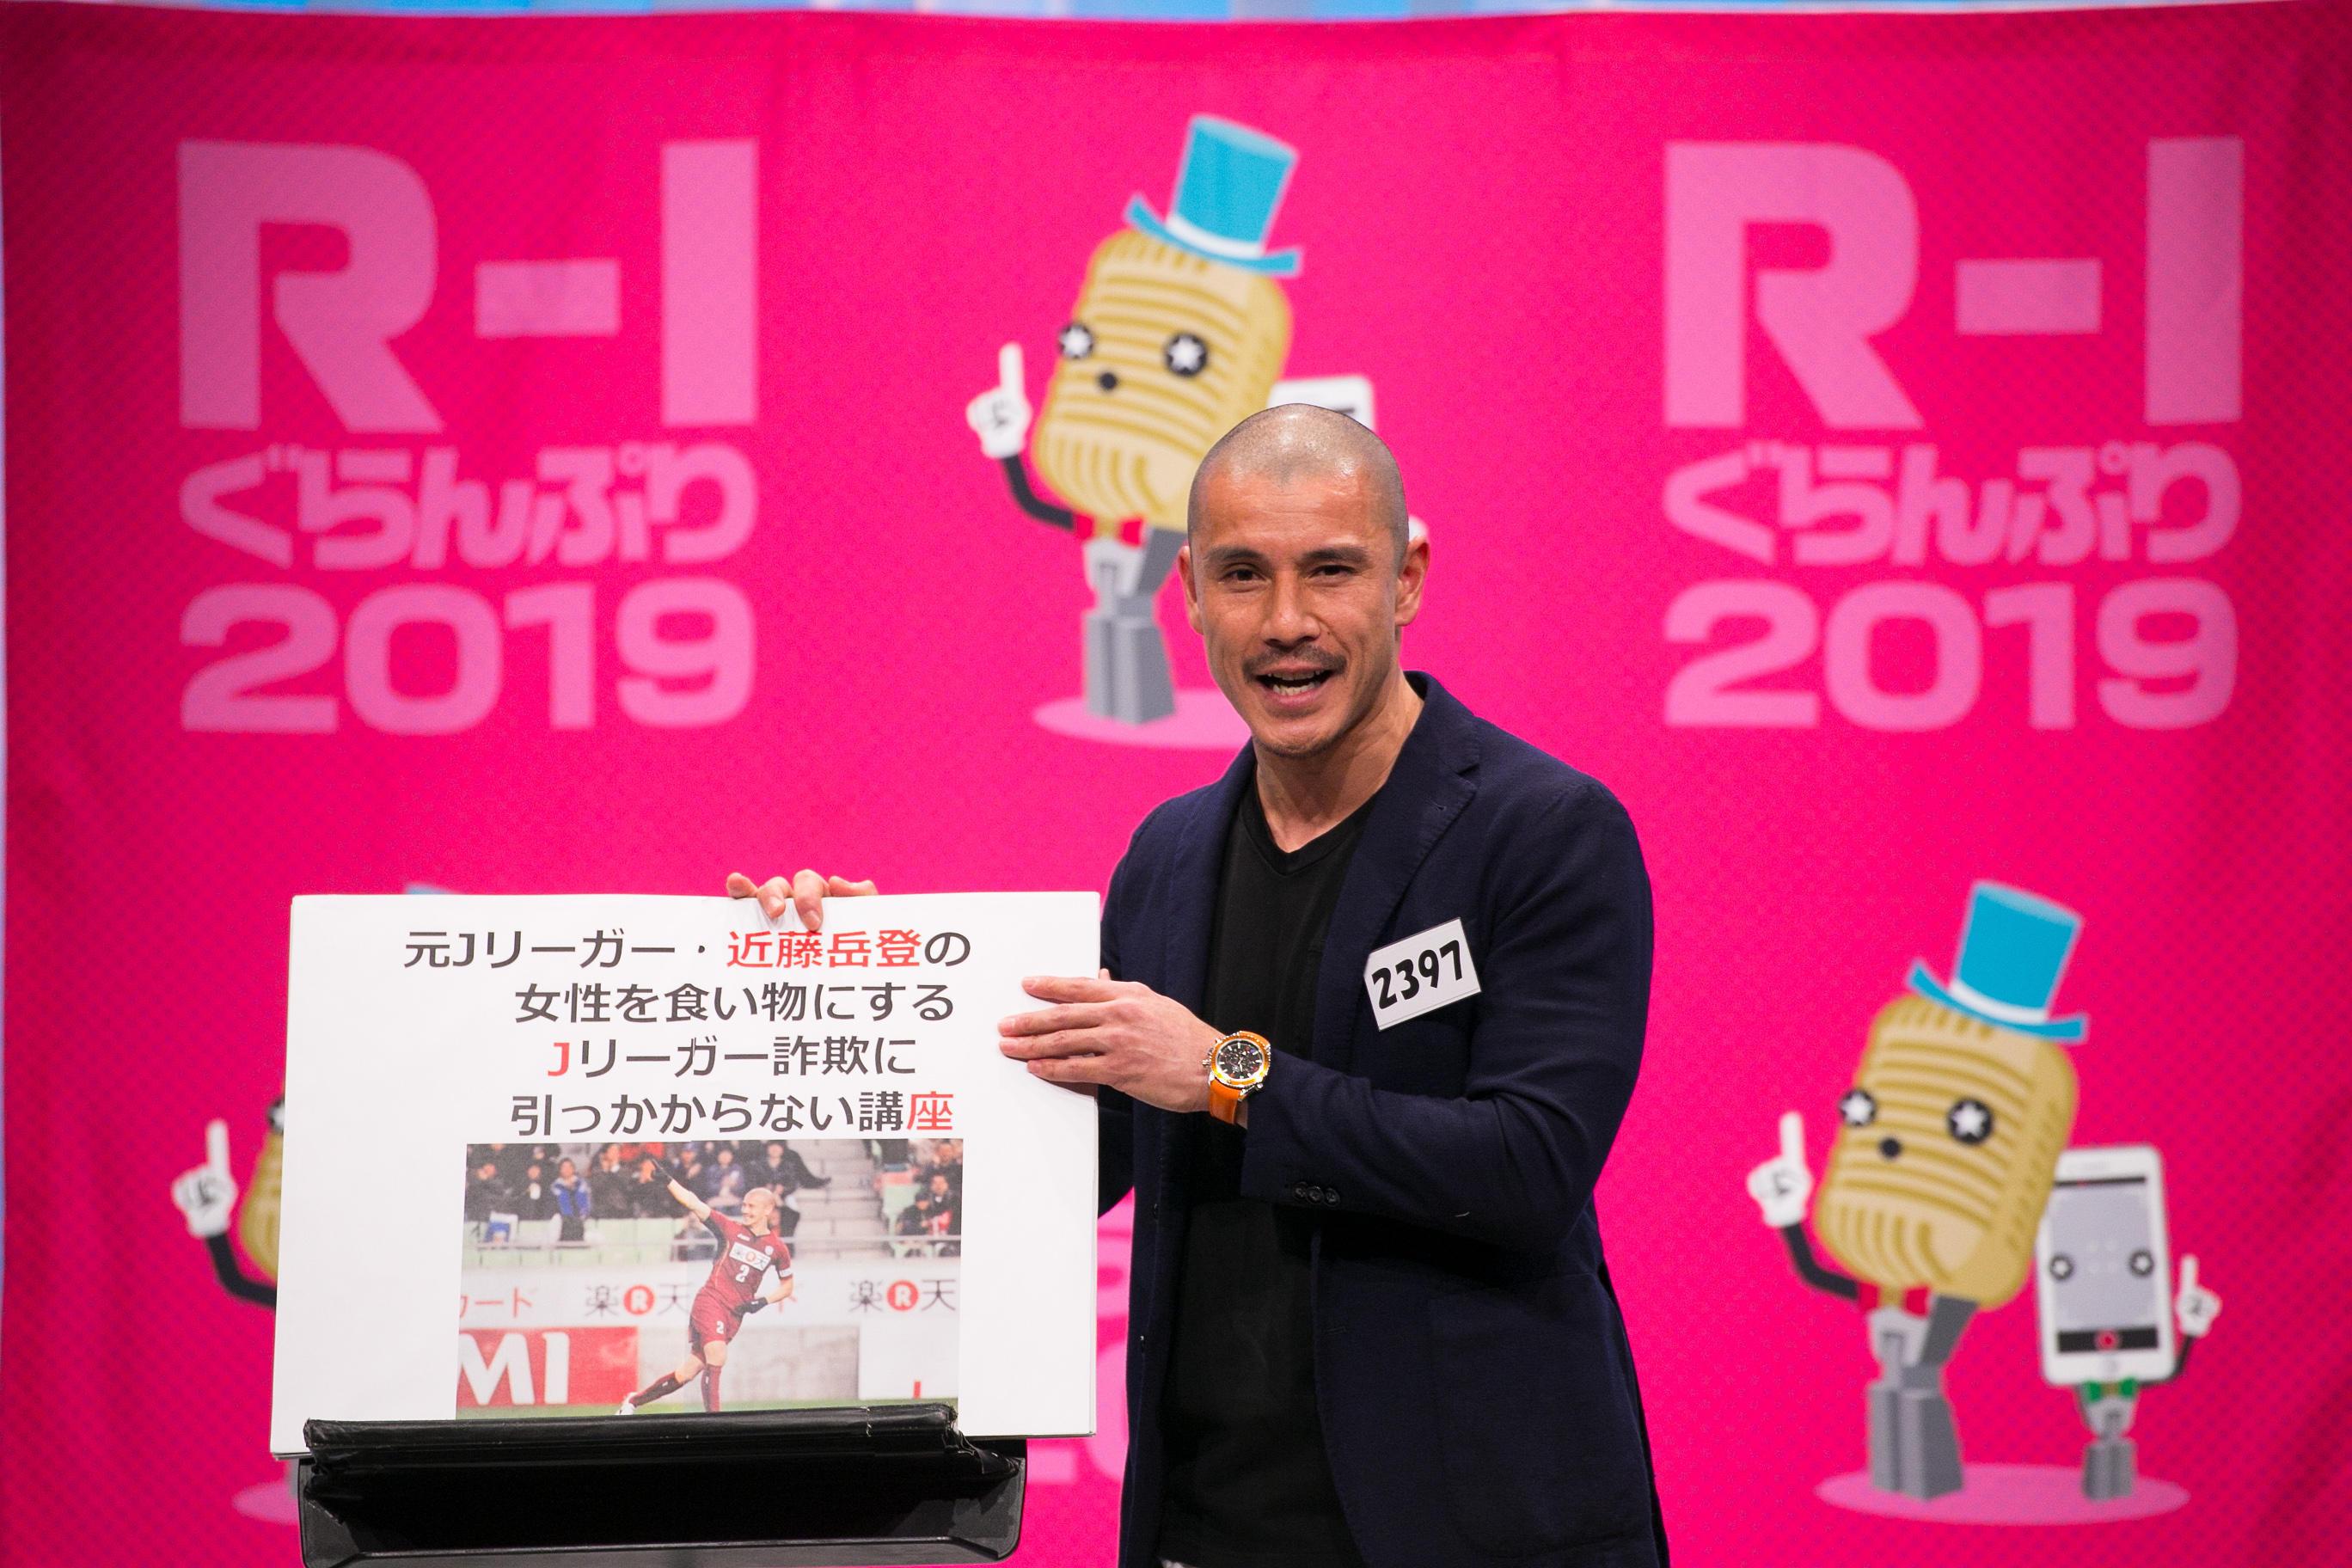 http://news.yoshimoto.co.jp/20190120222228-48dfc3a0da761cb4d148415c0c8173634706a9eb.jpg